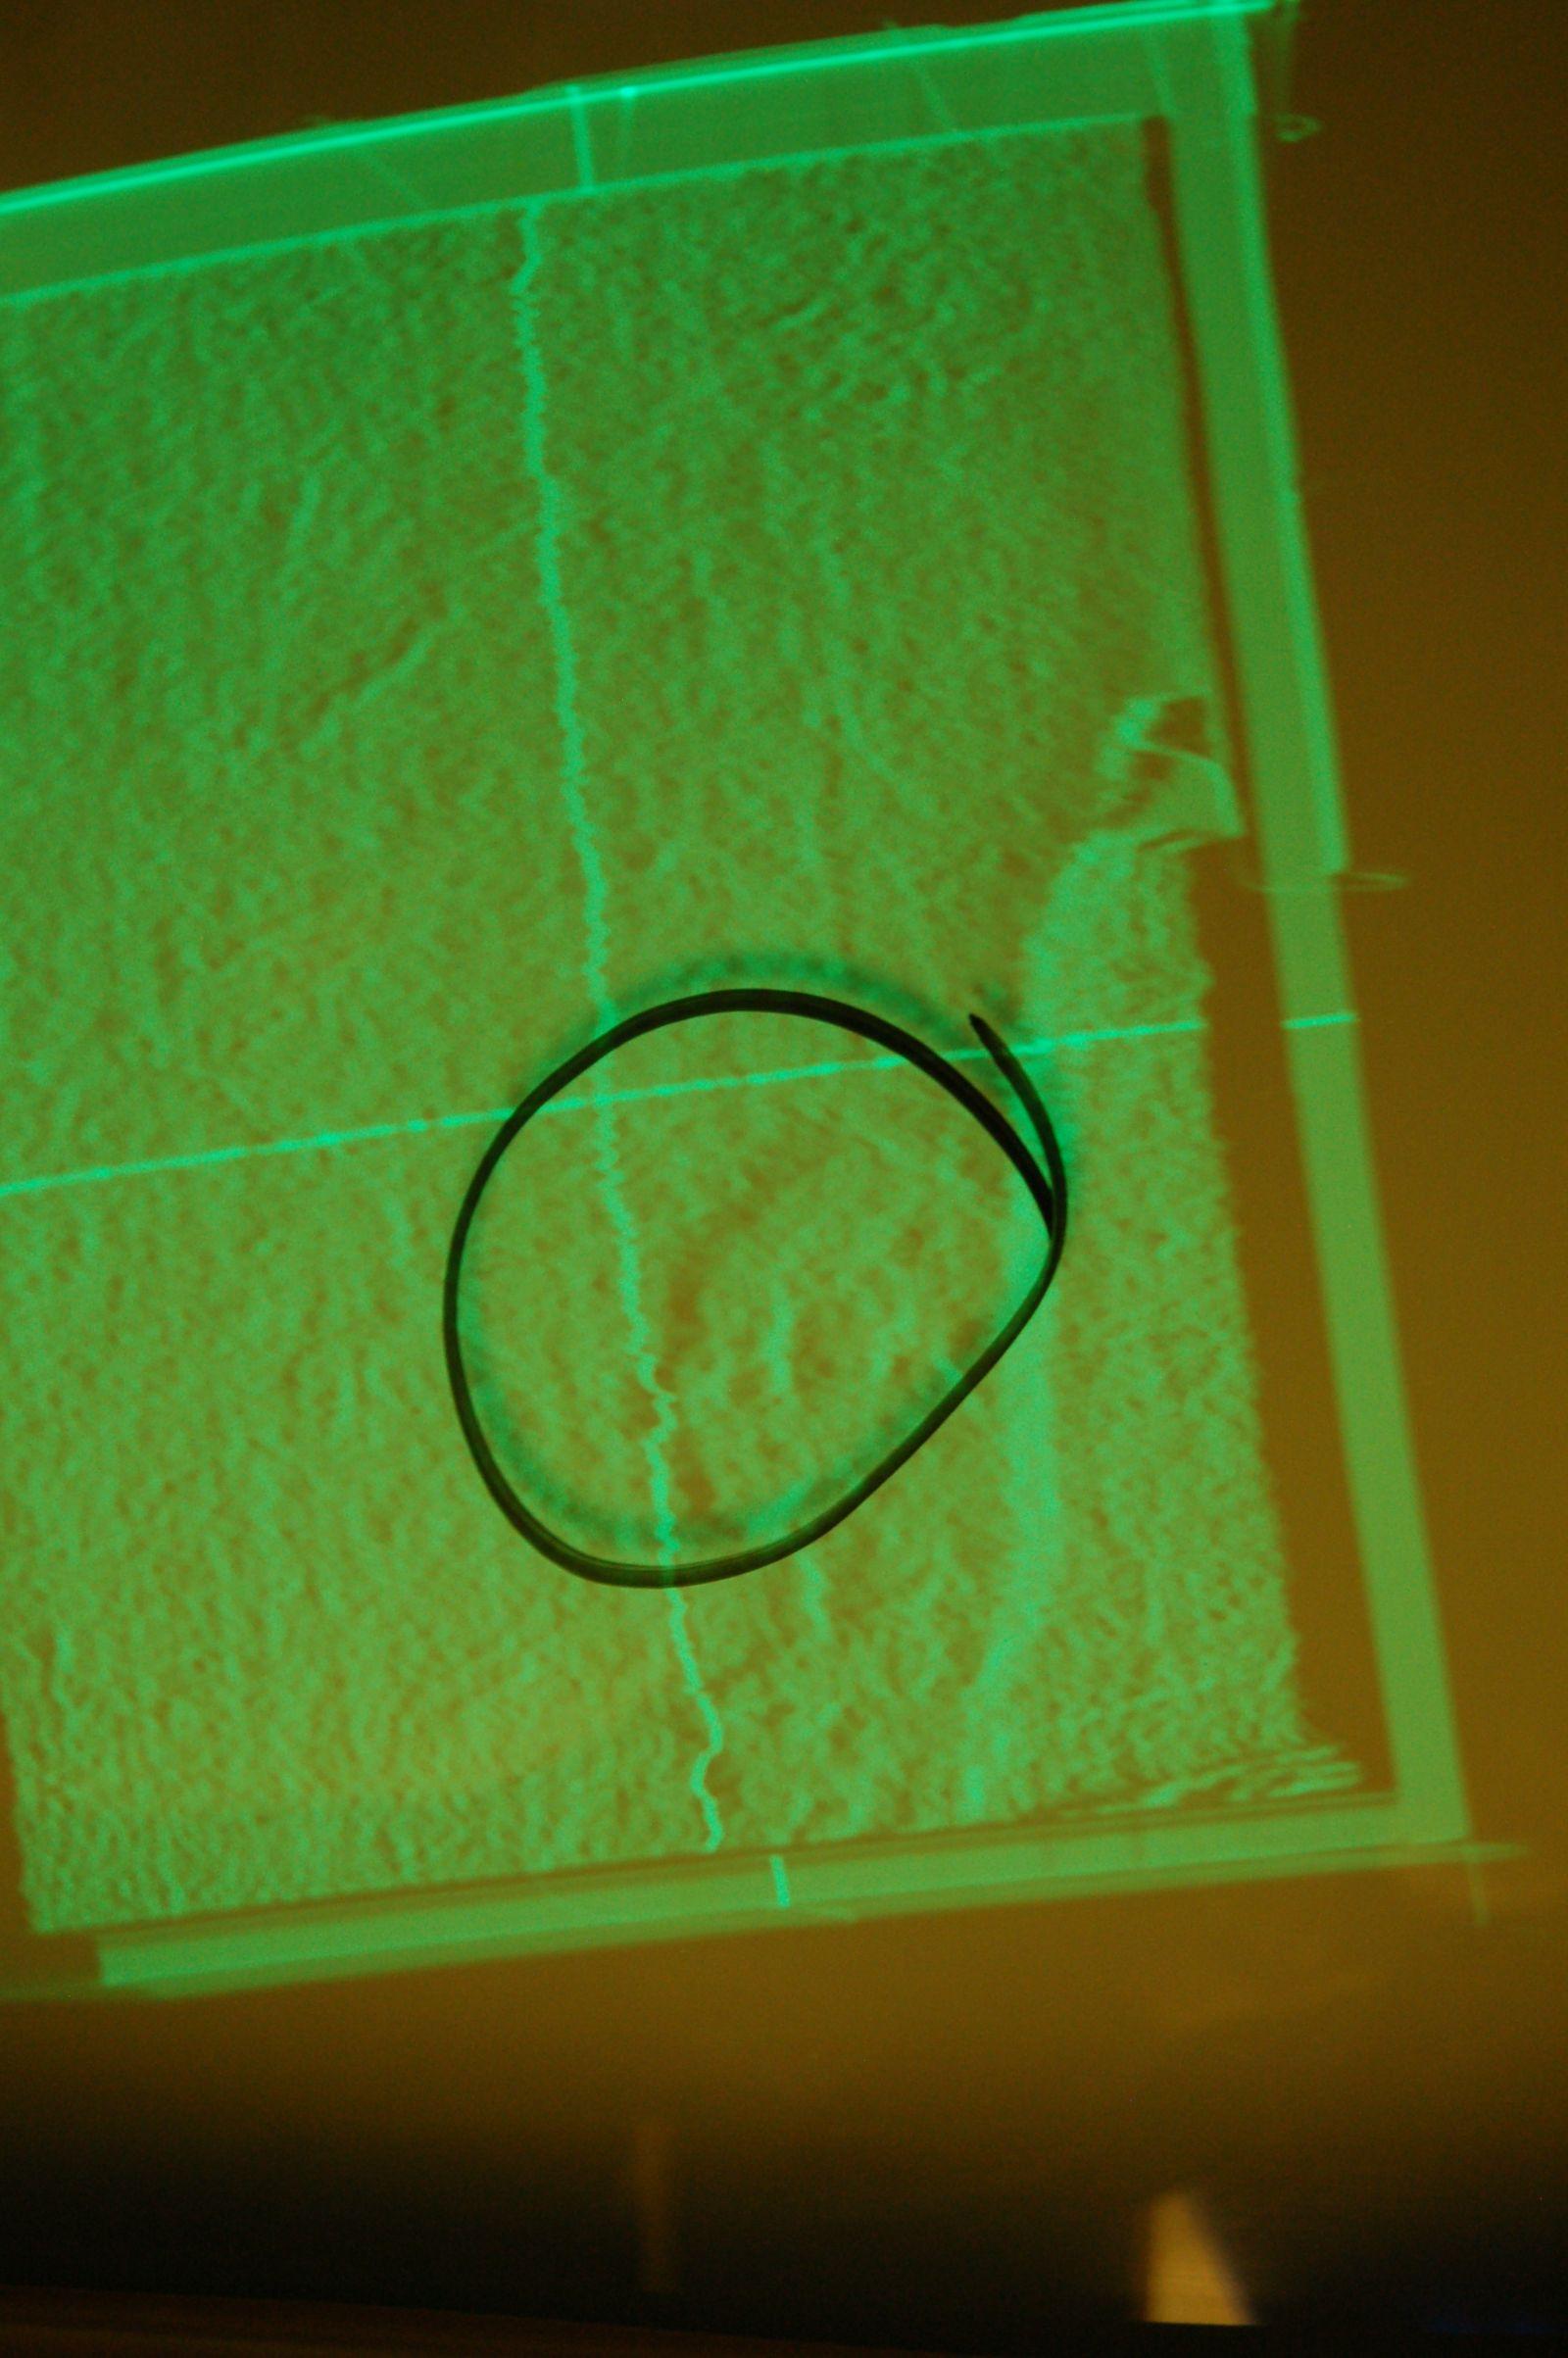 Photo 5. VP8 Image Analyzer spear wound in 3D